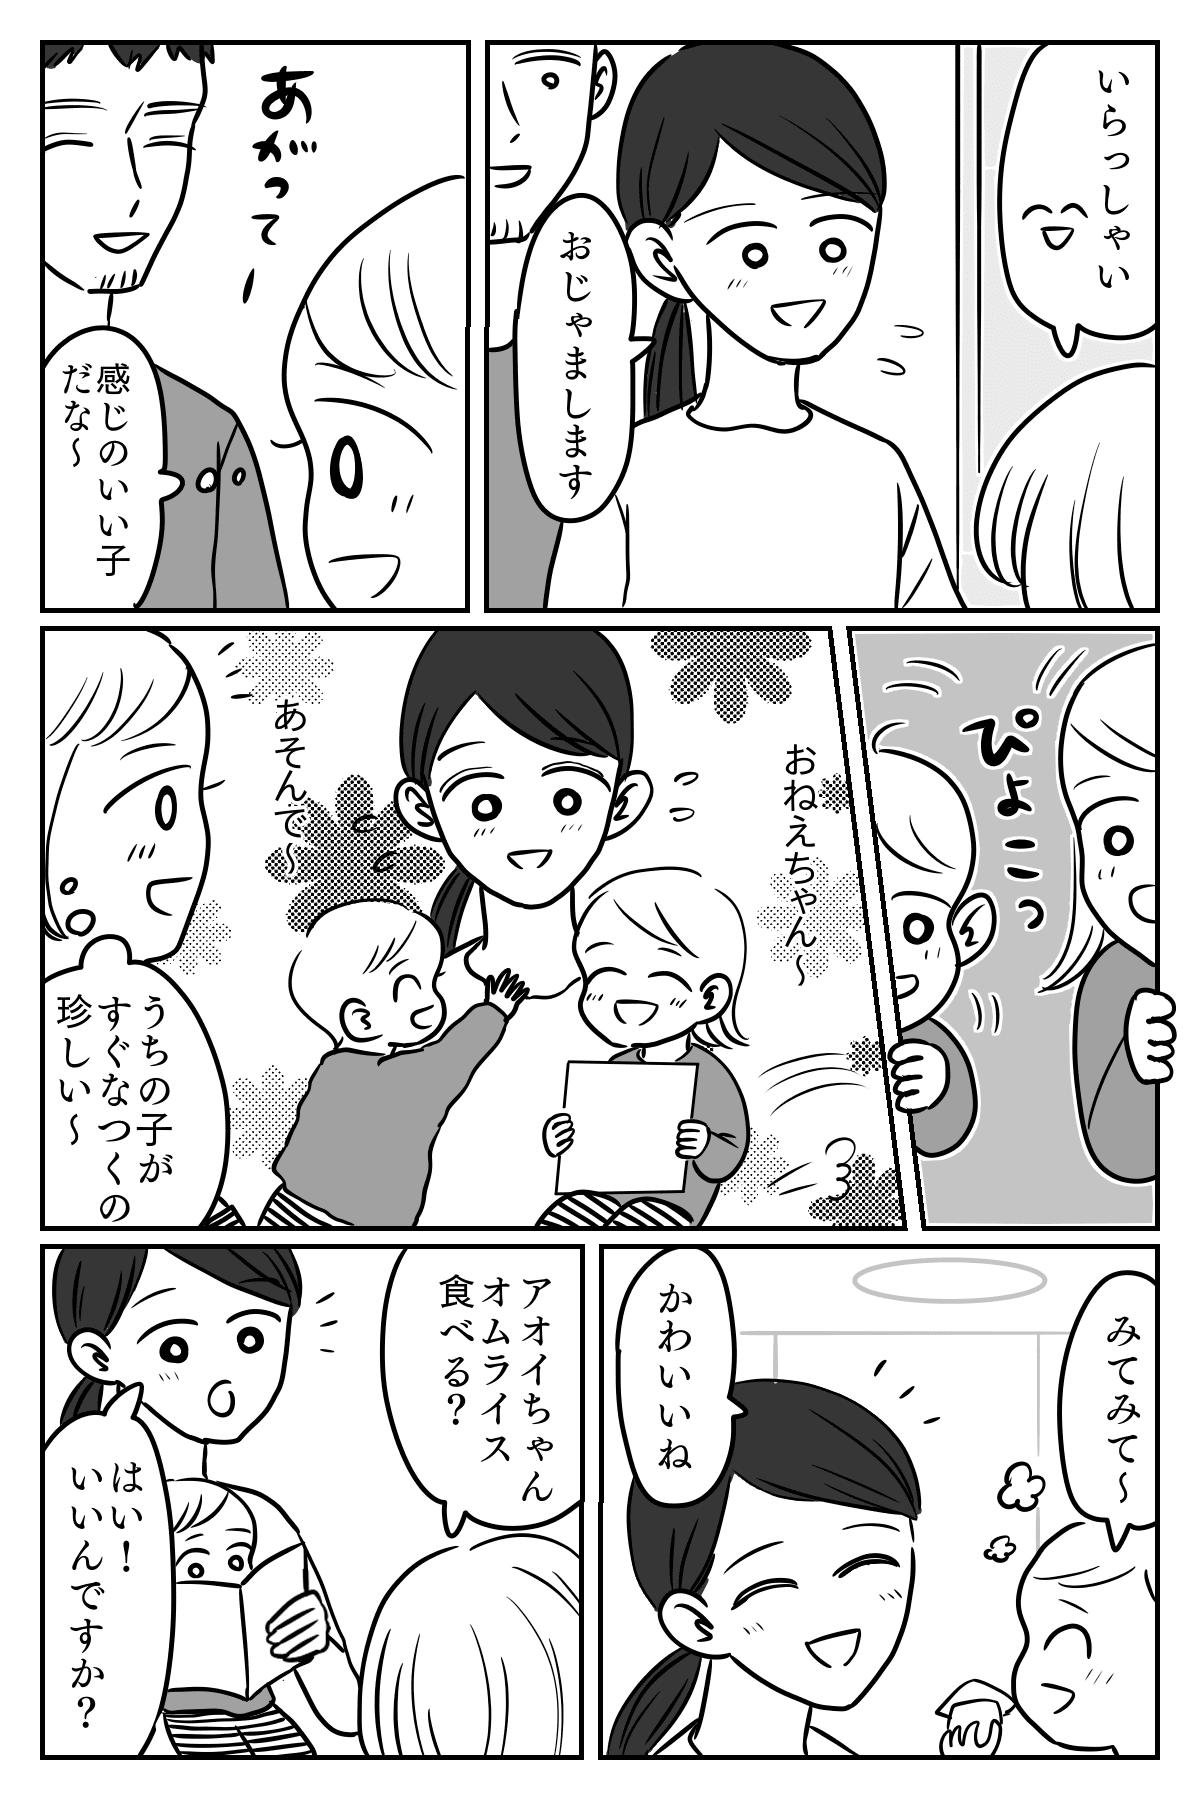 前妻の子2-1